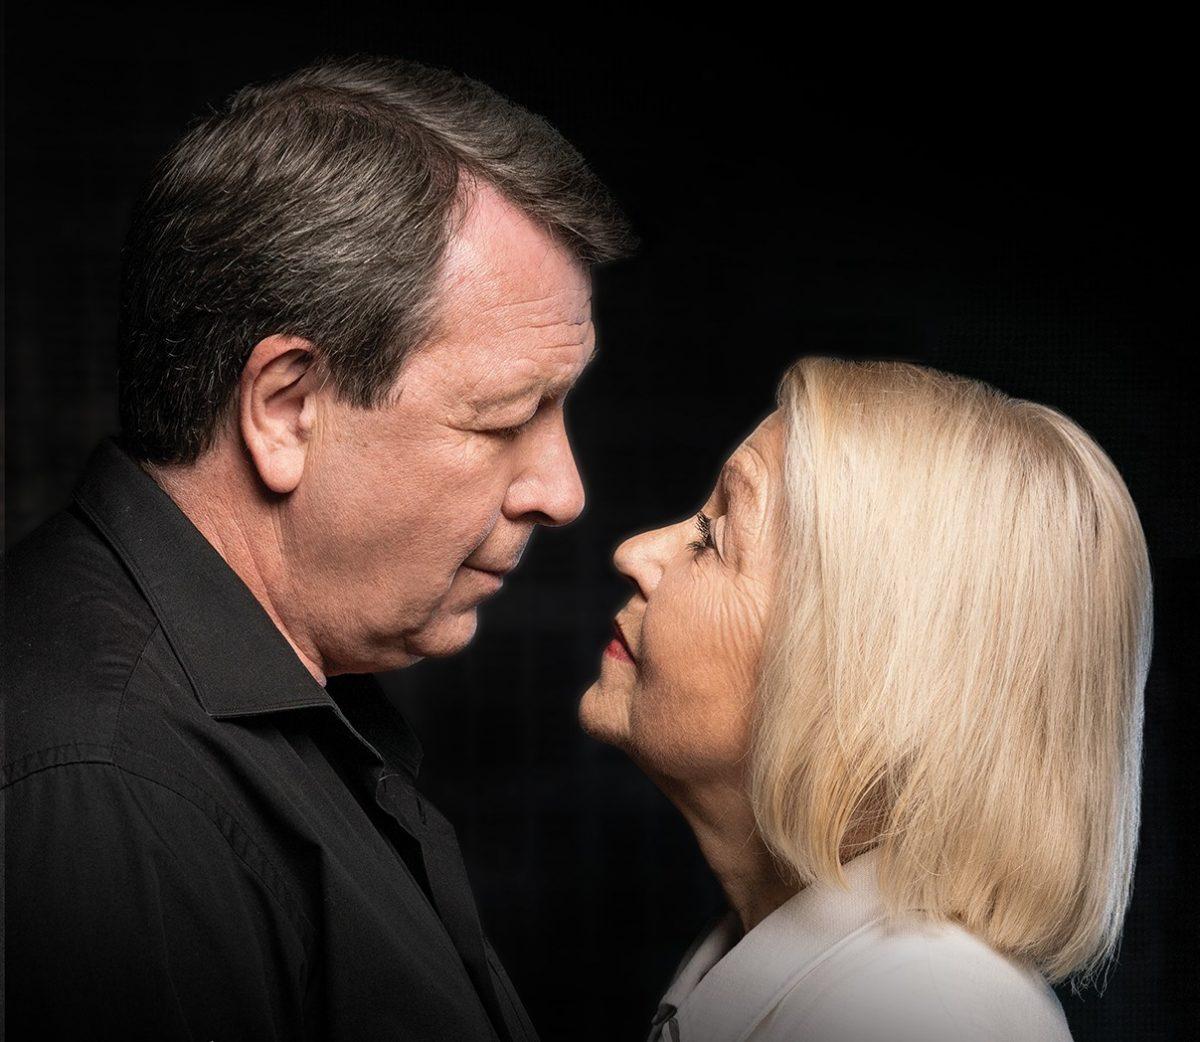 Афиша: Лилита Озолиня  и Игорь Чернявский сыграют в пьесе о любви